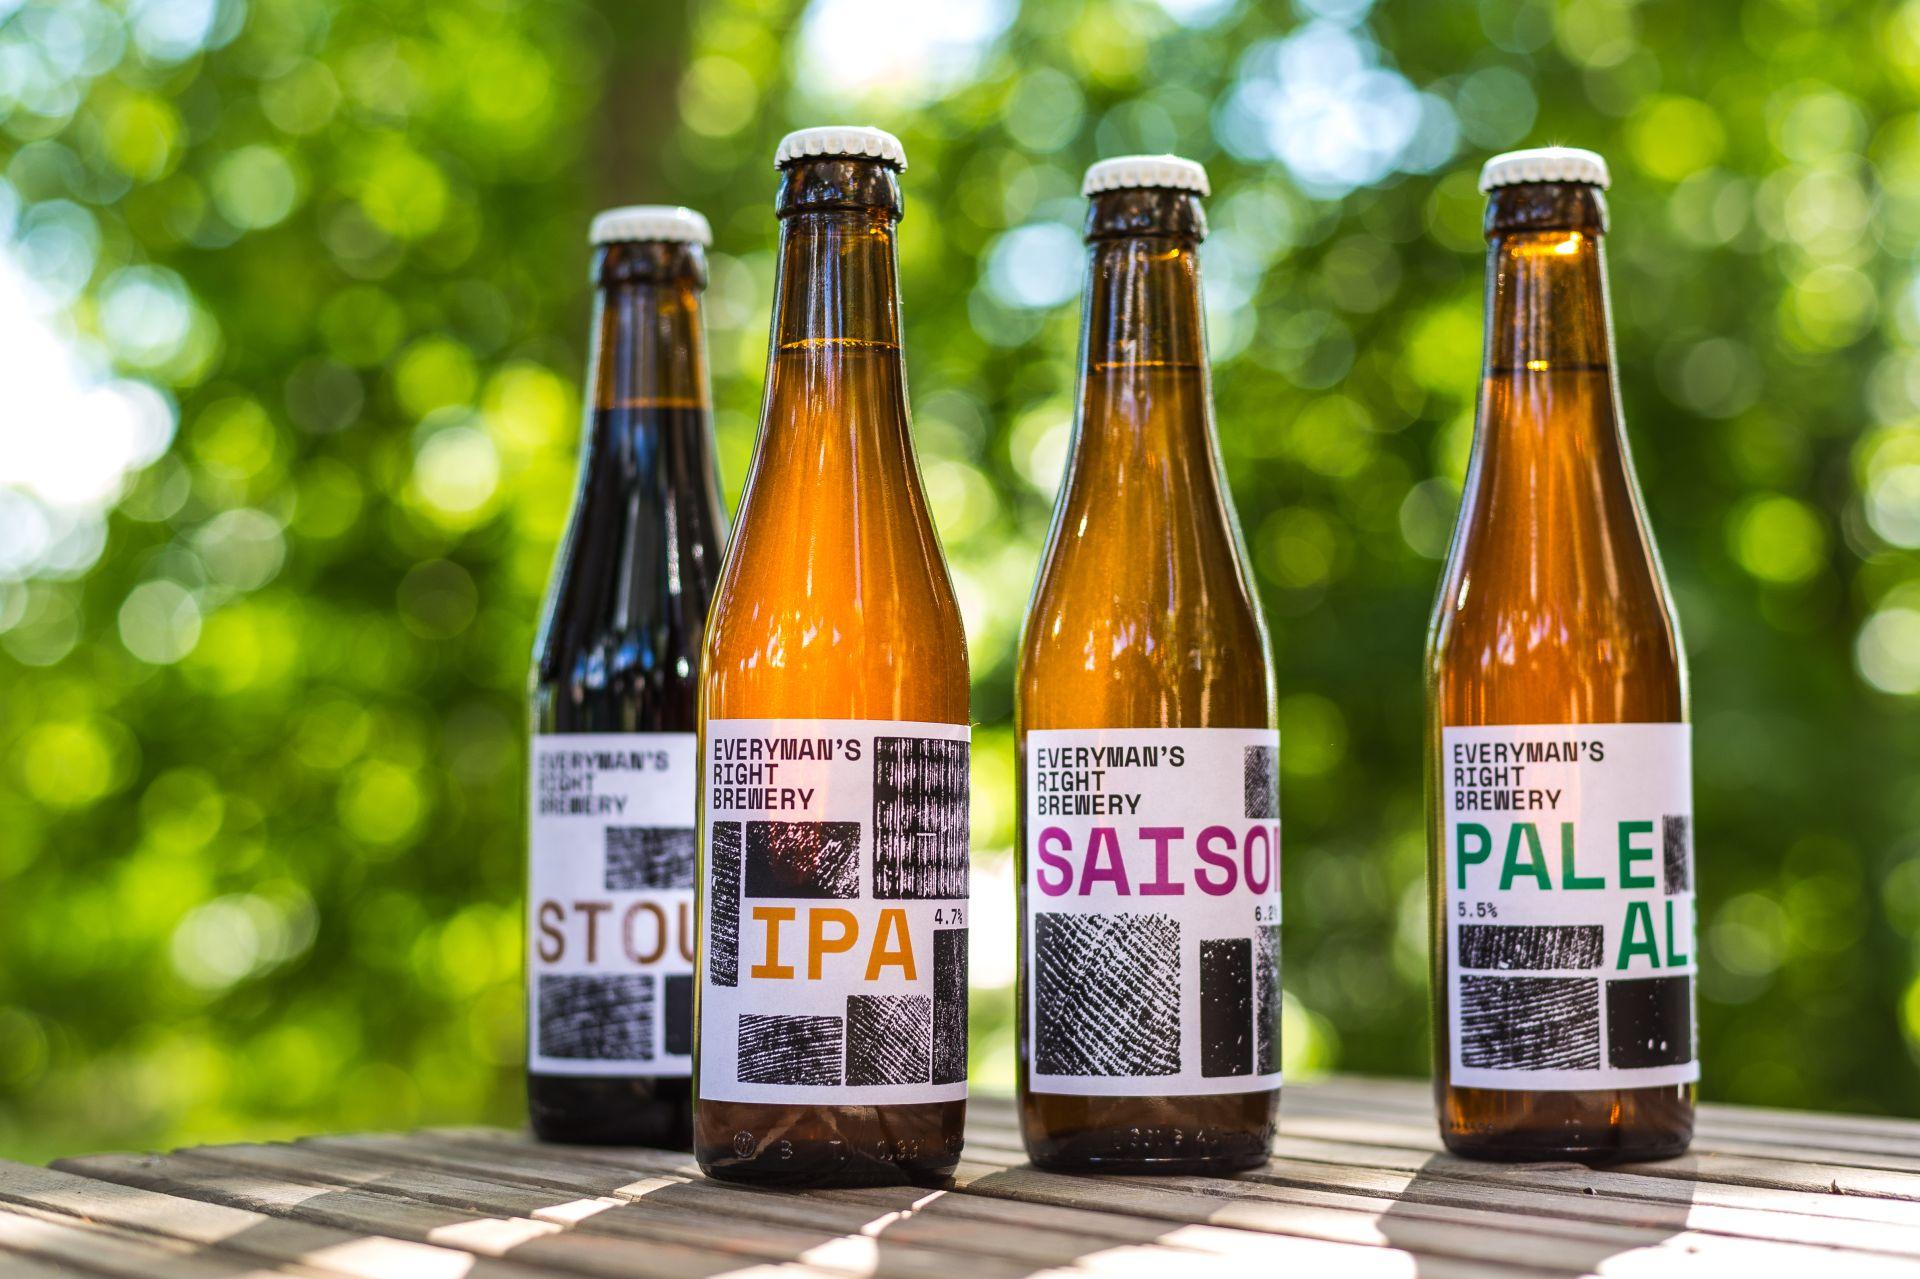 В Финляндии откроется первая в мире пивоварня с отрицательным выбросом углерода